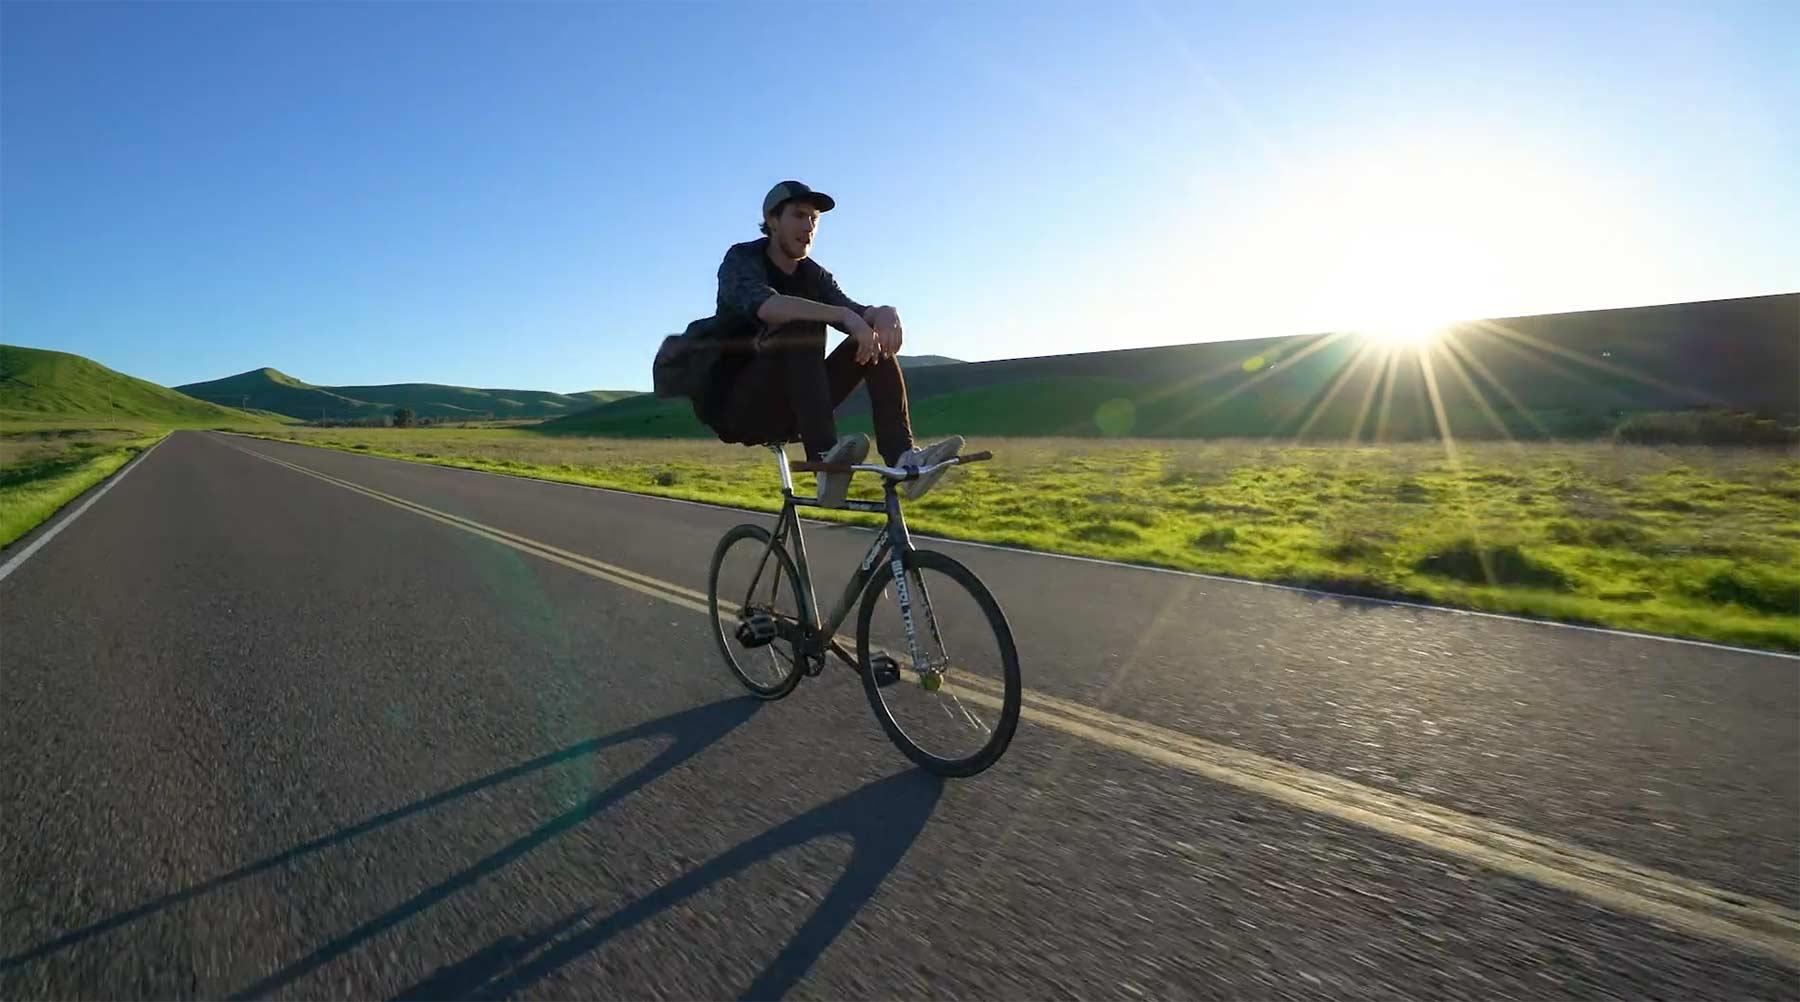 Eine entspannte Runde Radfahren